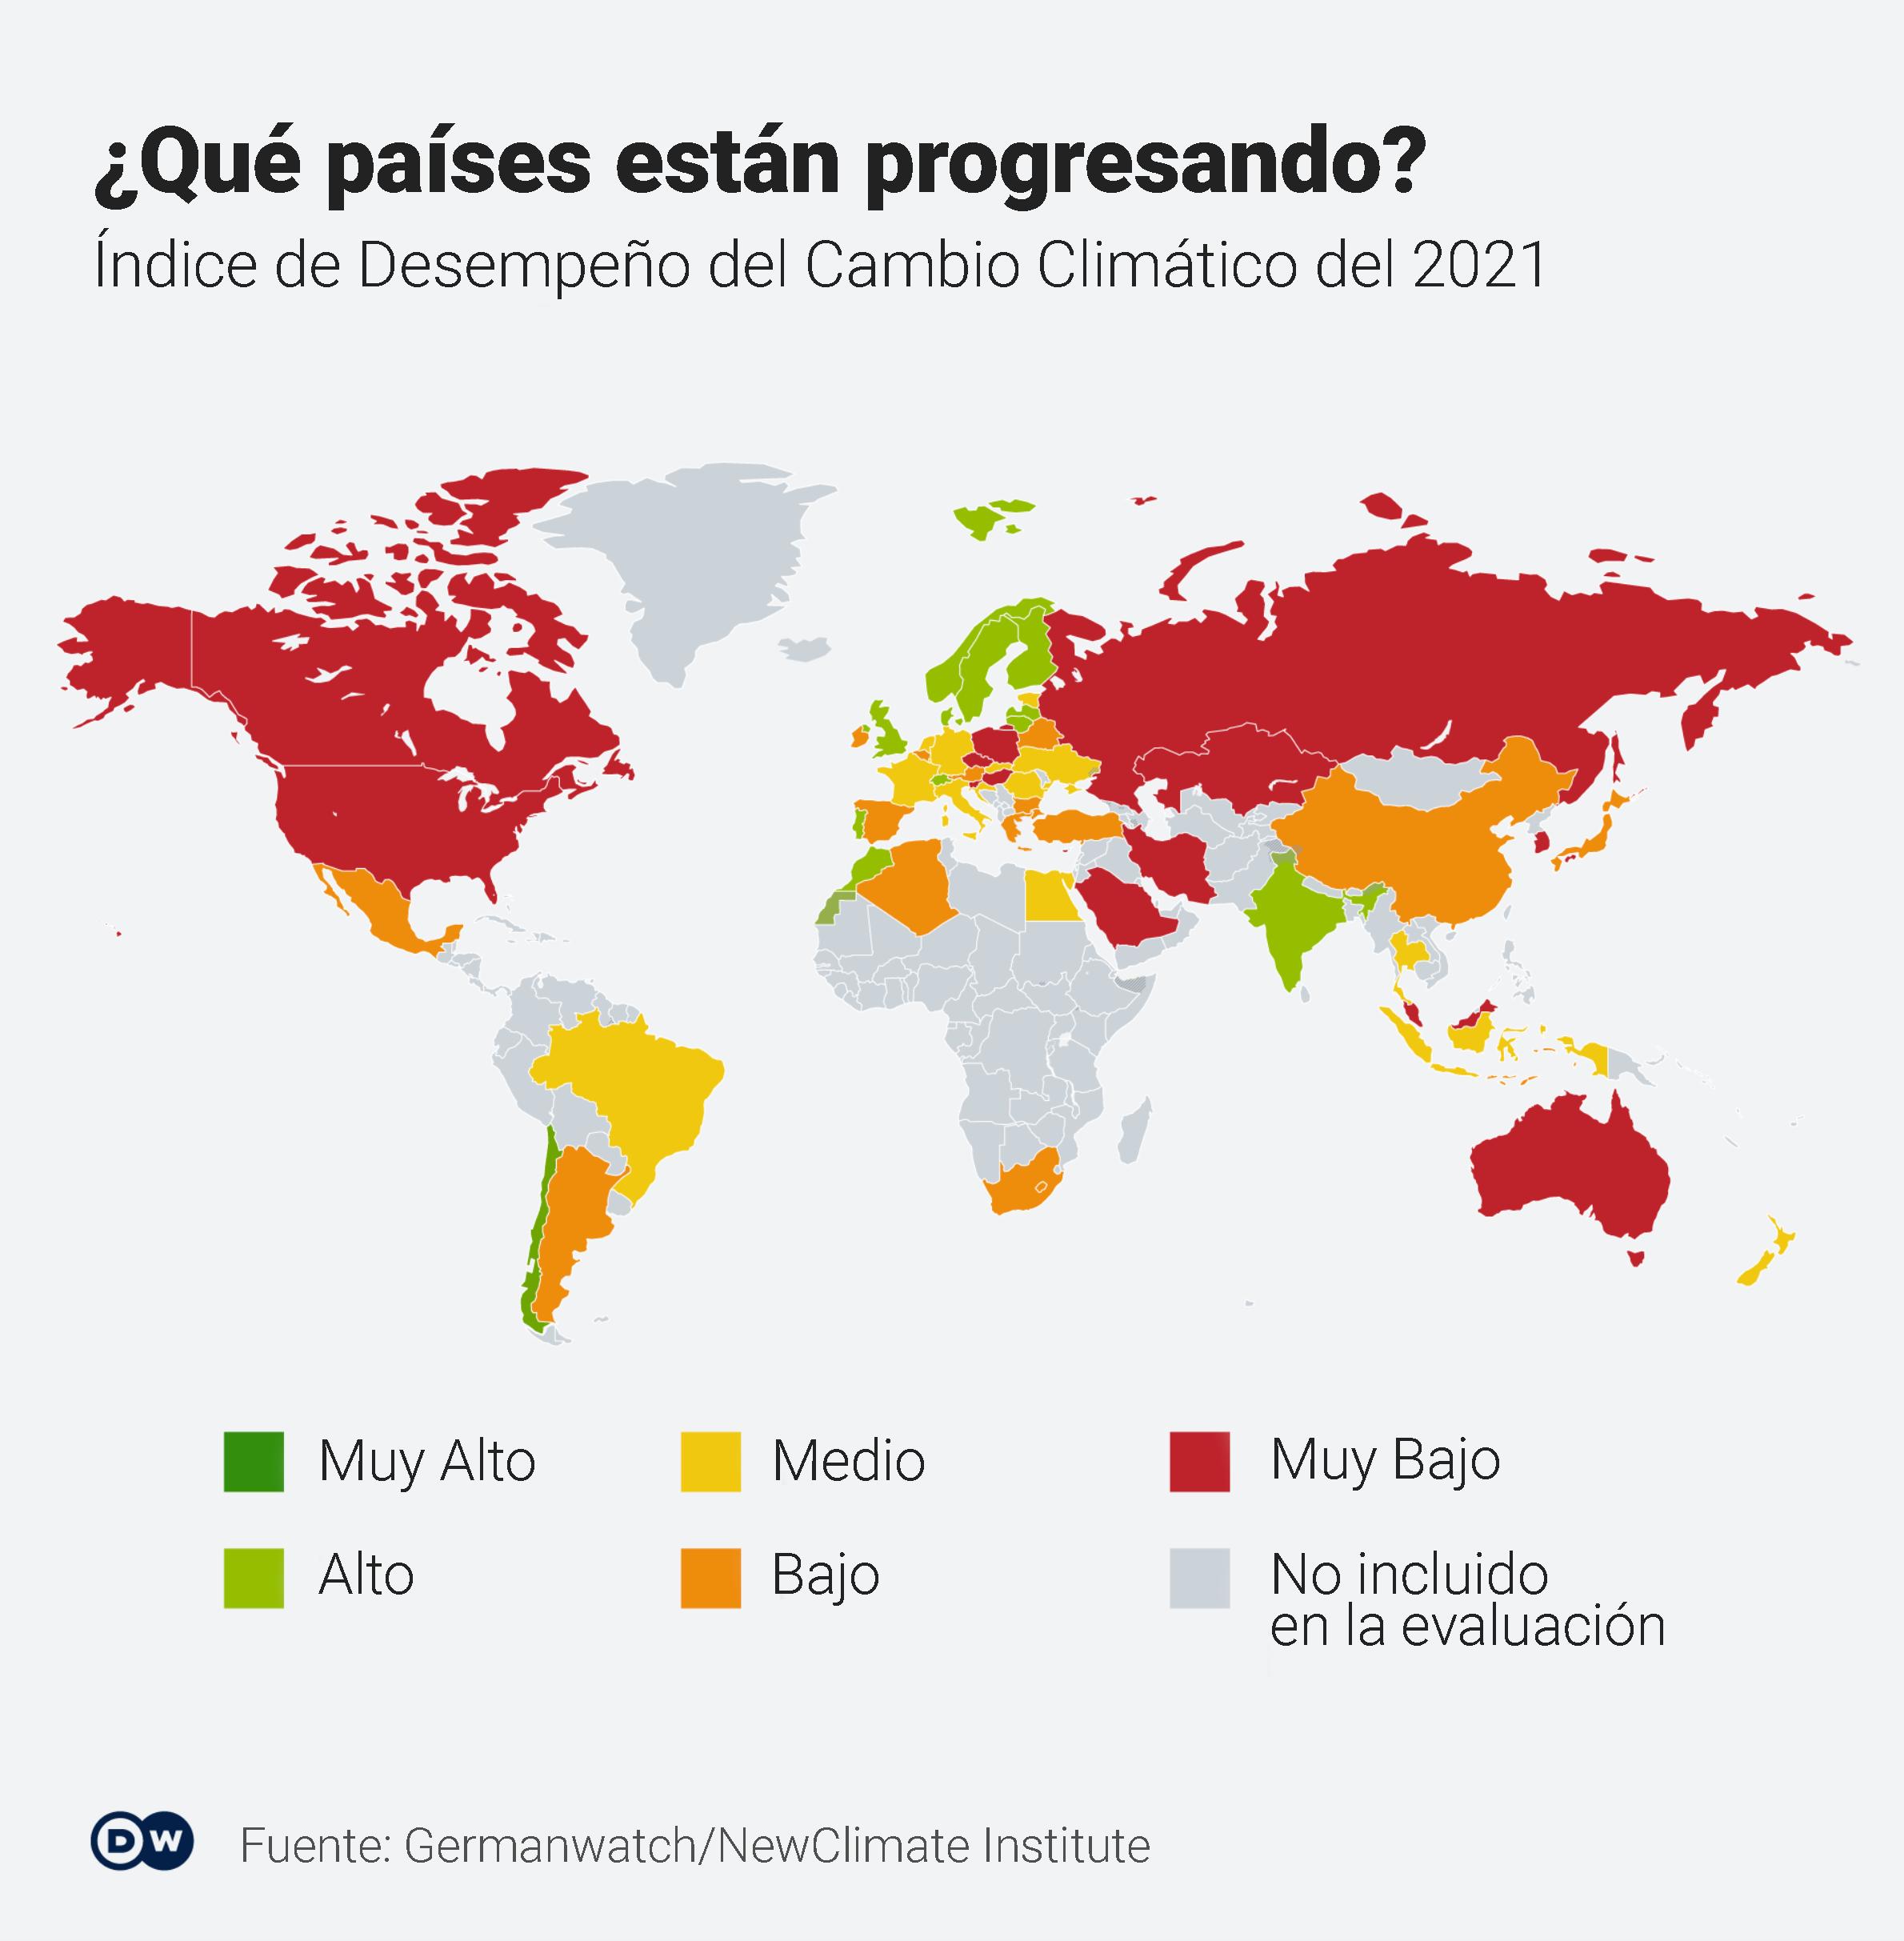 Progreso de la acción climática en los países del mundo - Fuente DW